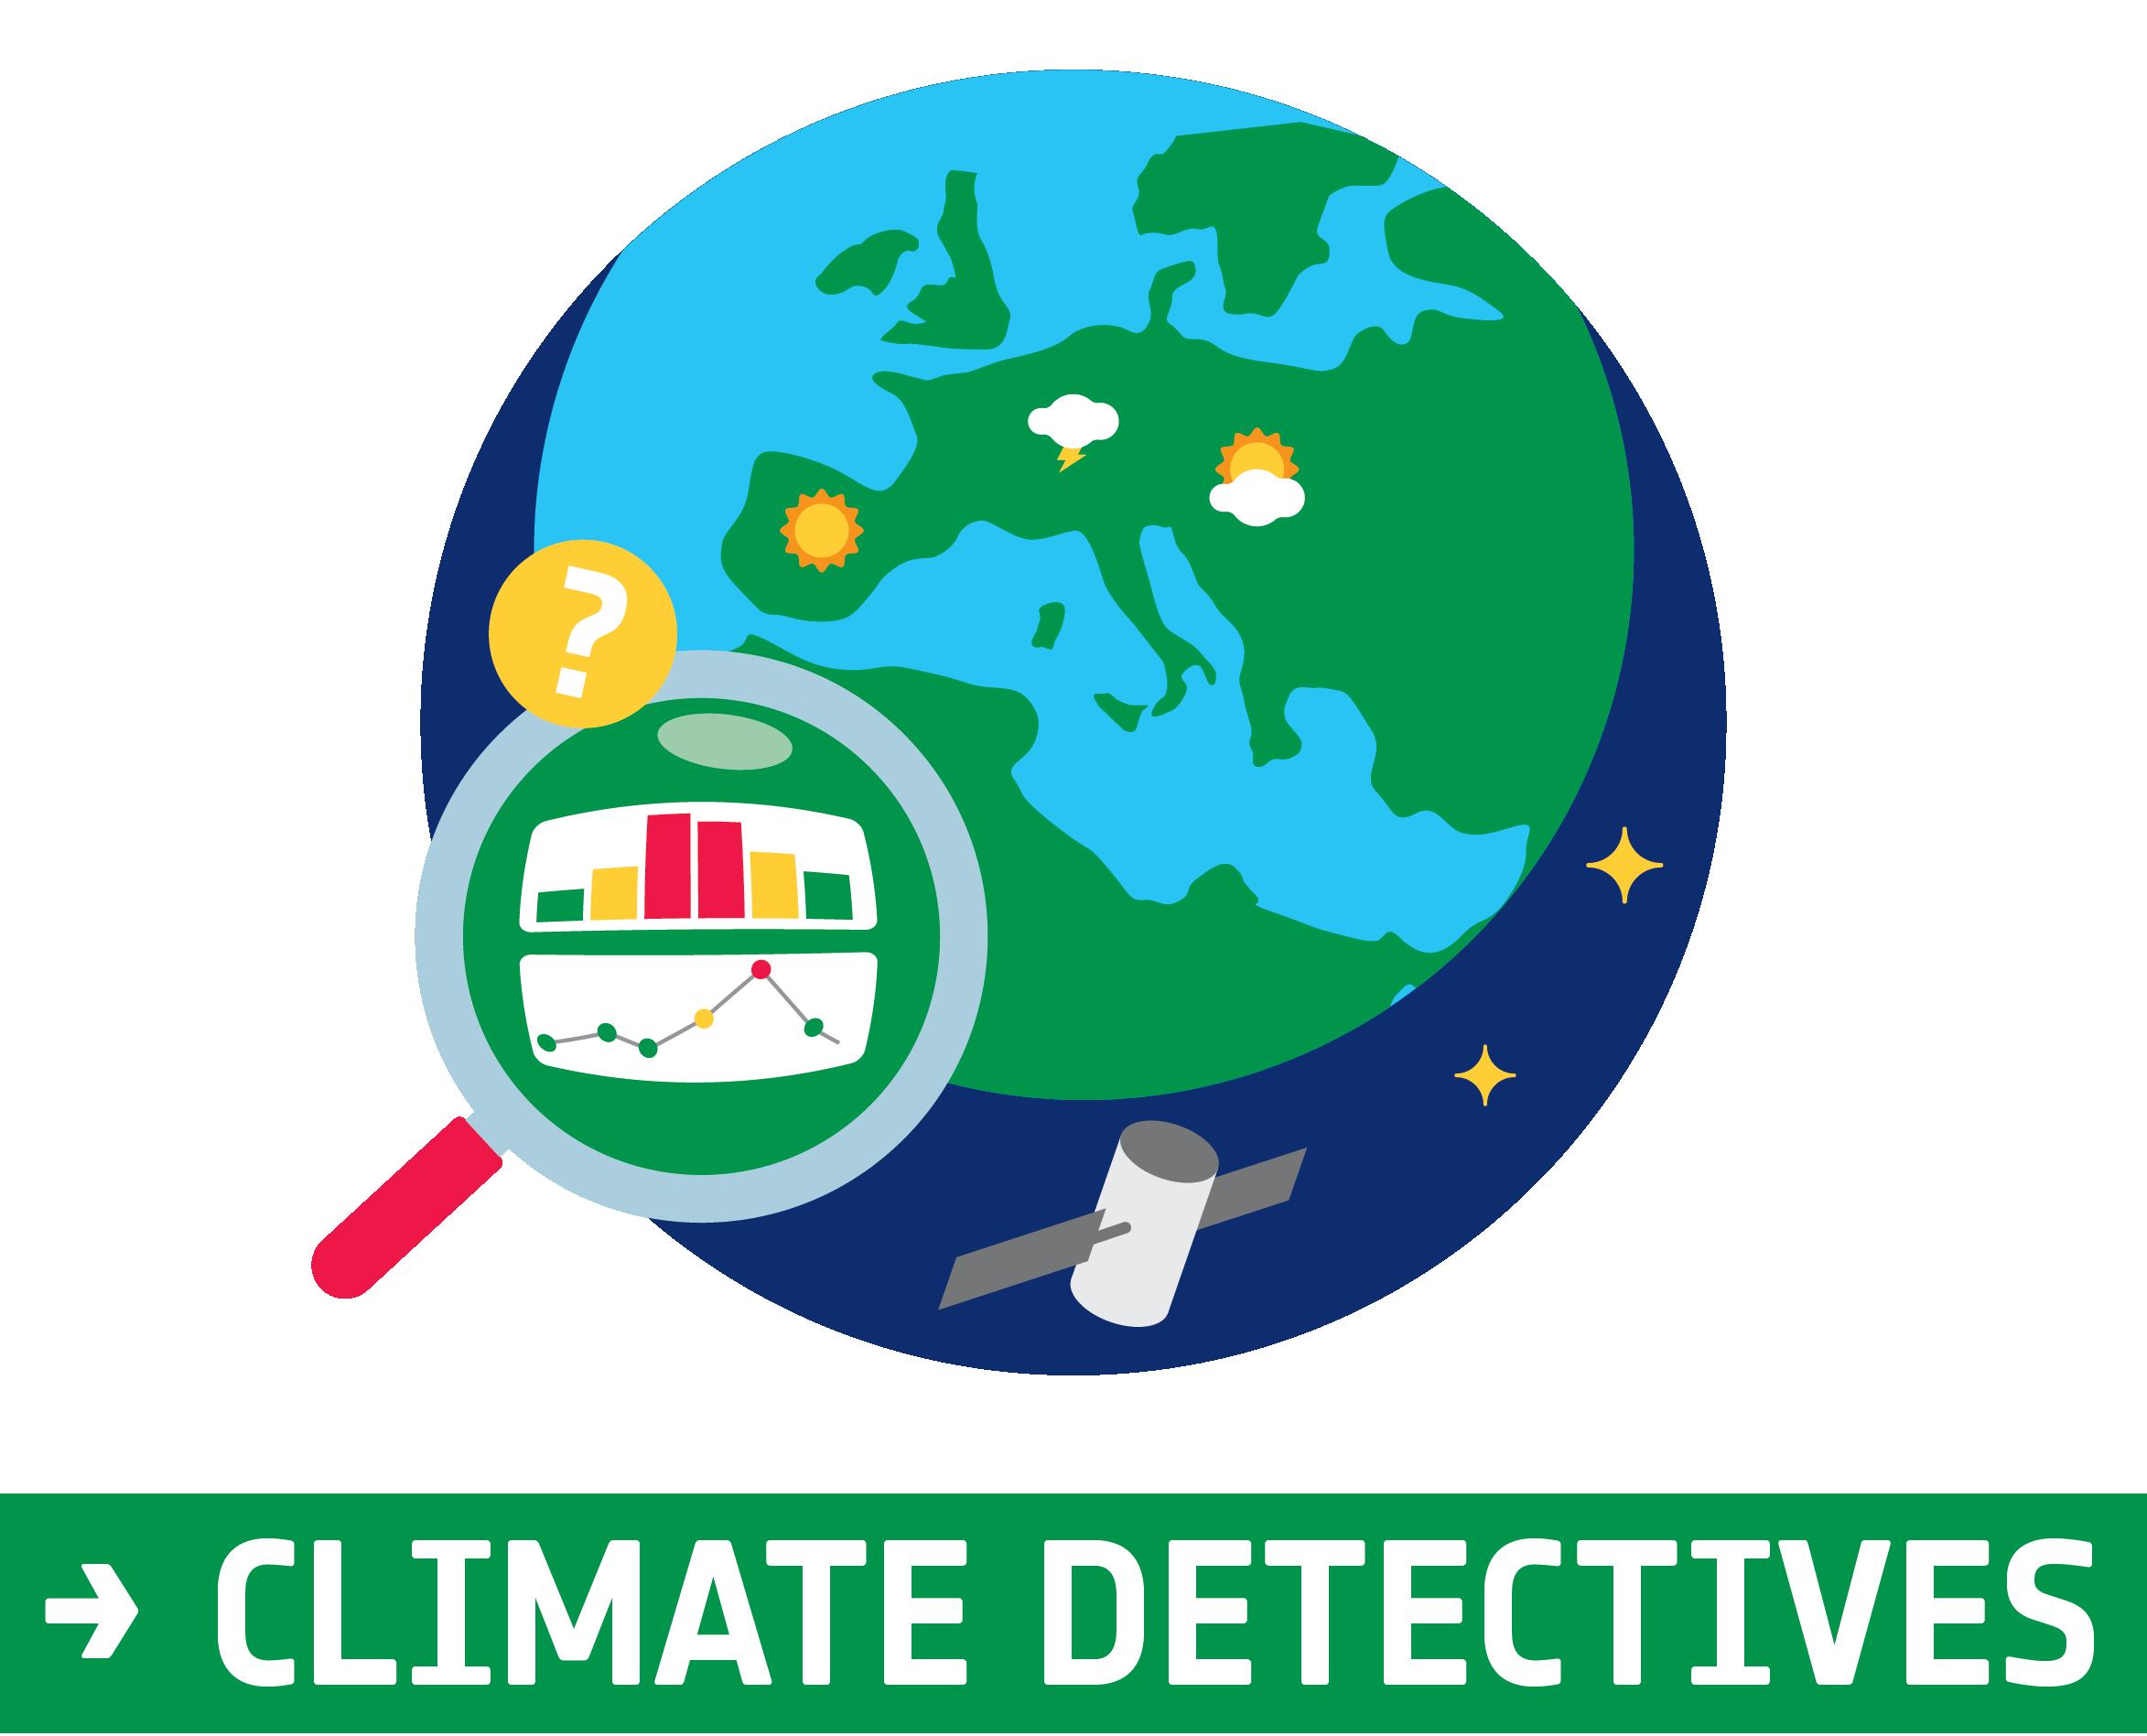 kliimadetektiivid